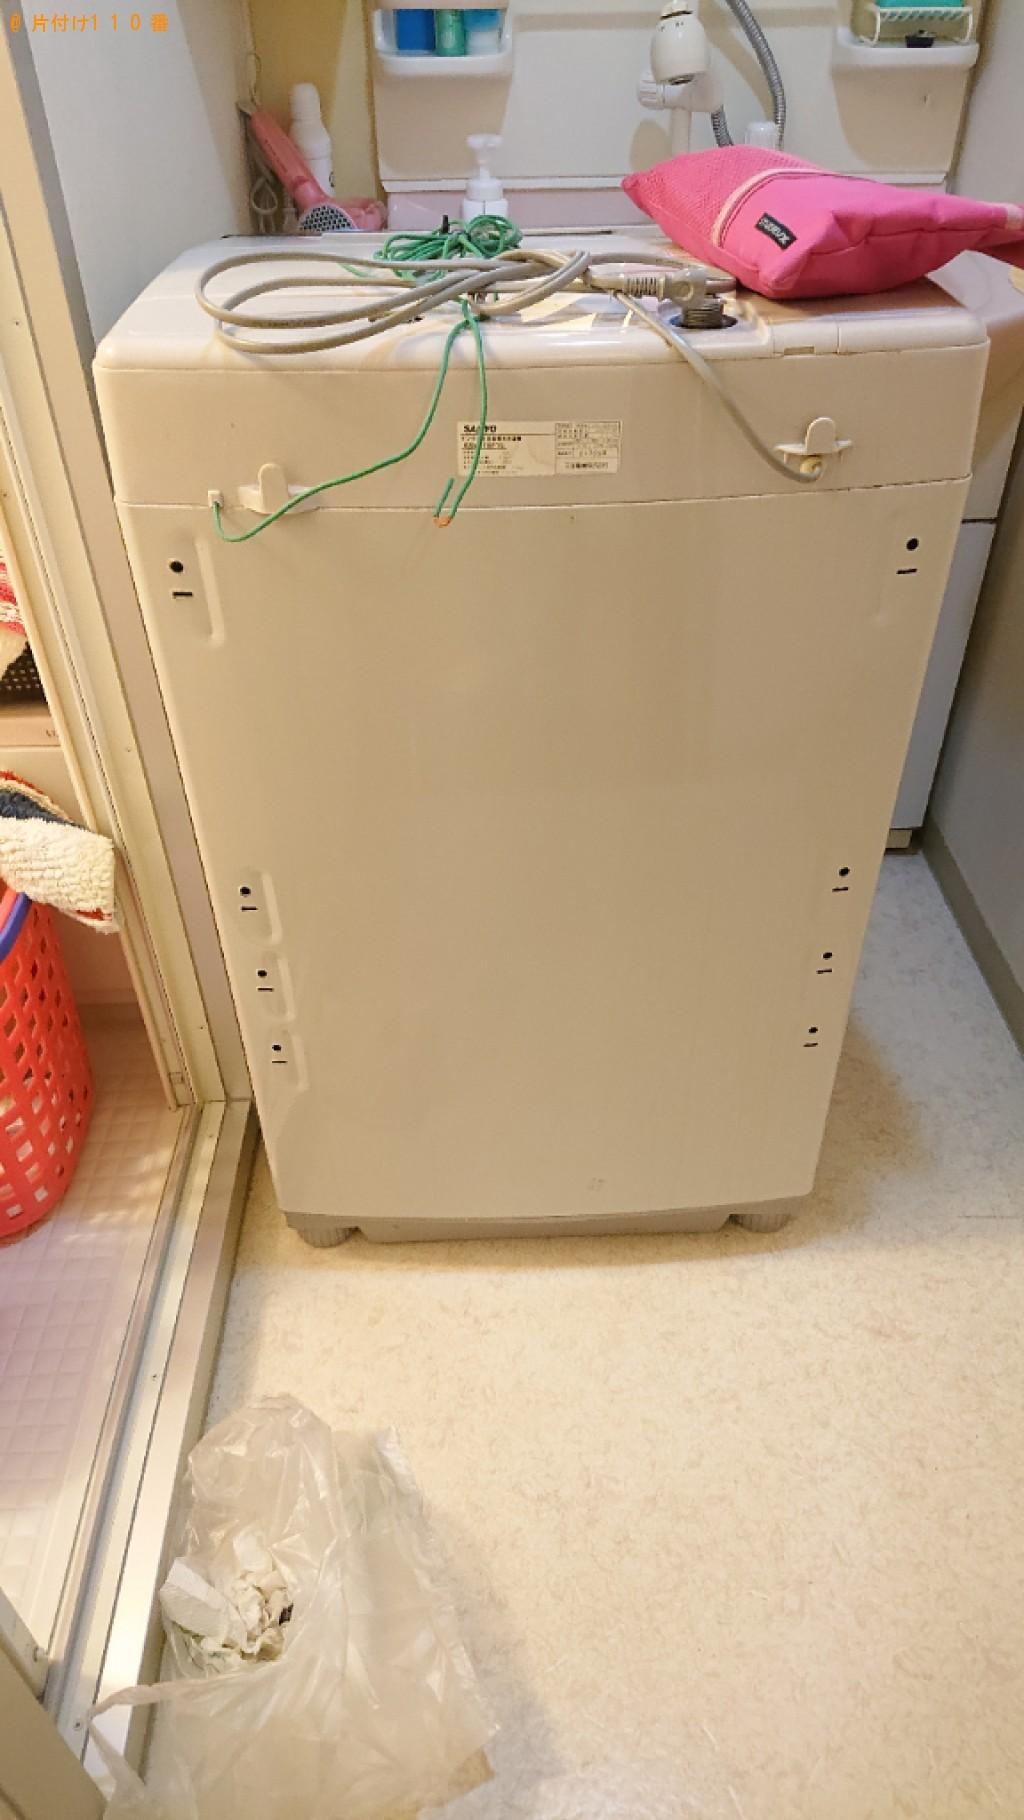 【京田辺市】洗濯機の回収・処分ご依頼 お客様の声